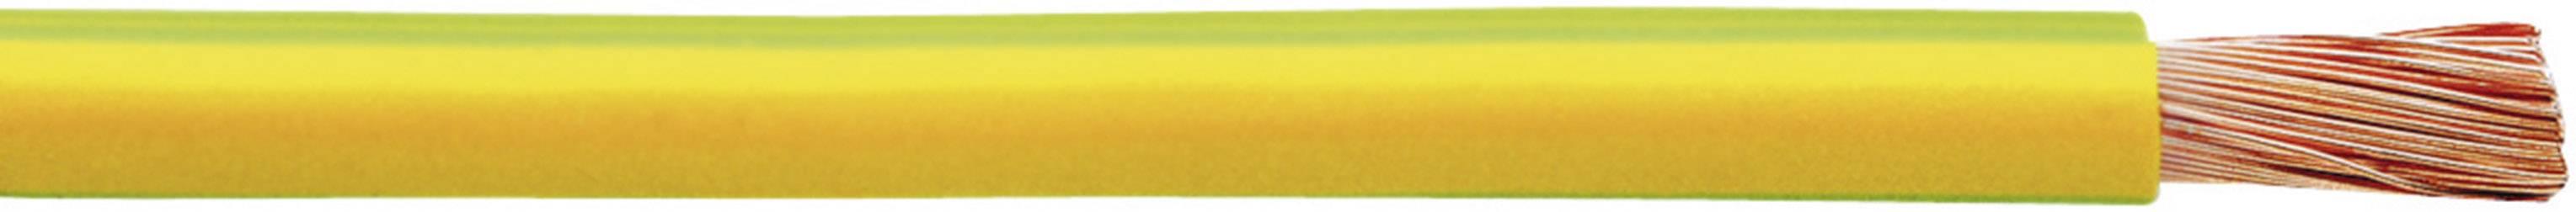 Pletenica H07V-K 1 x 10 mm, črna Faber Kabel 040042 cena za meter